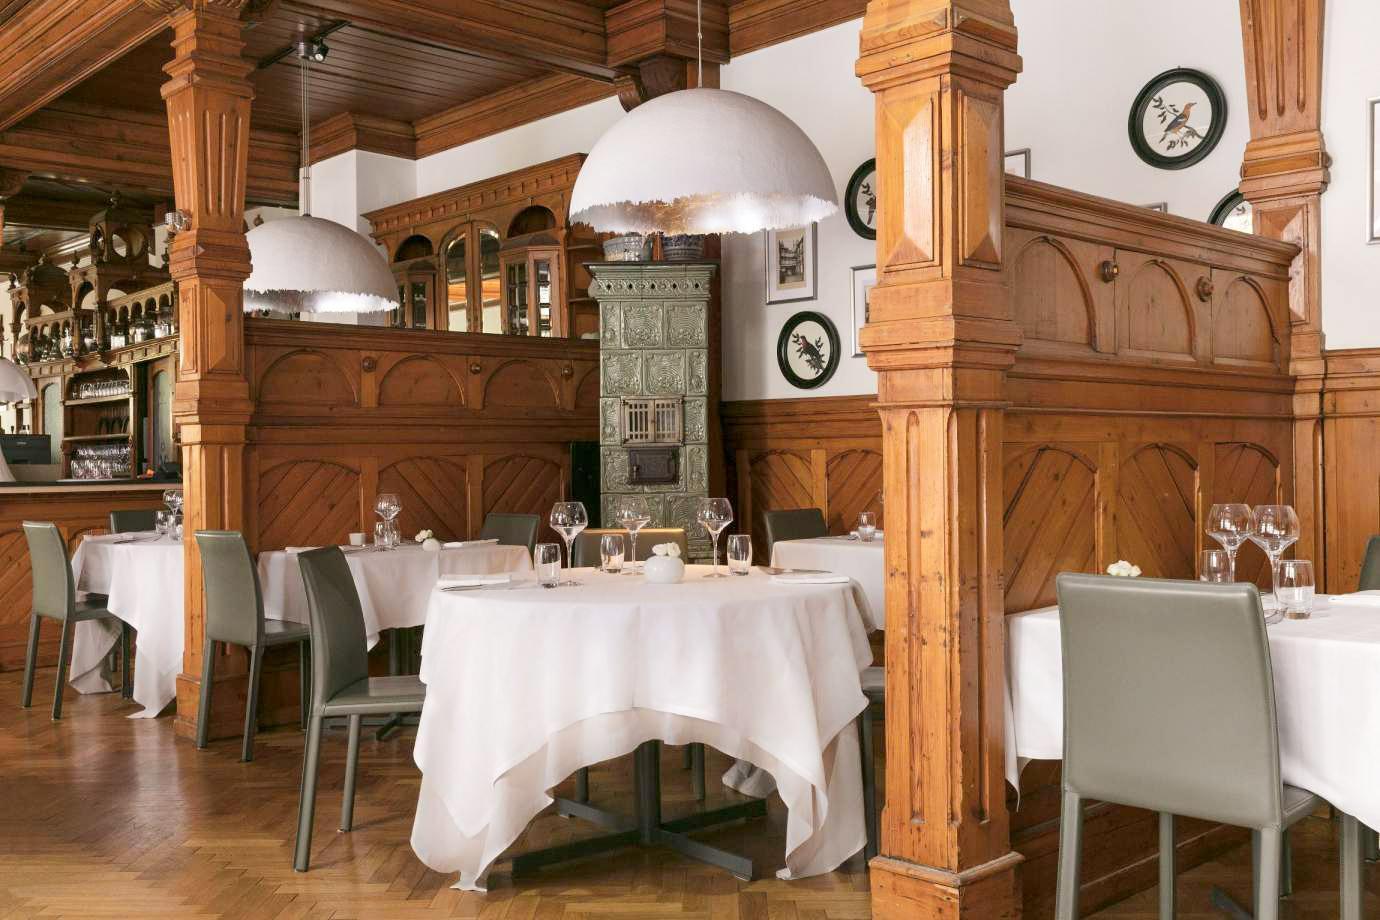 La Brasserie historique de la Maison des Têtes, subtil mélange d'authenticité alsacienne et de design contemporain © DR